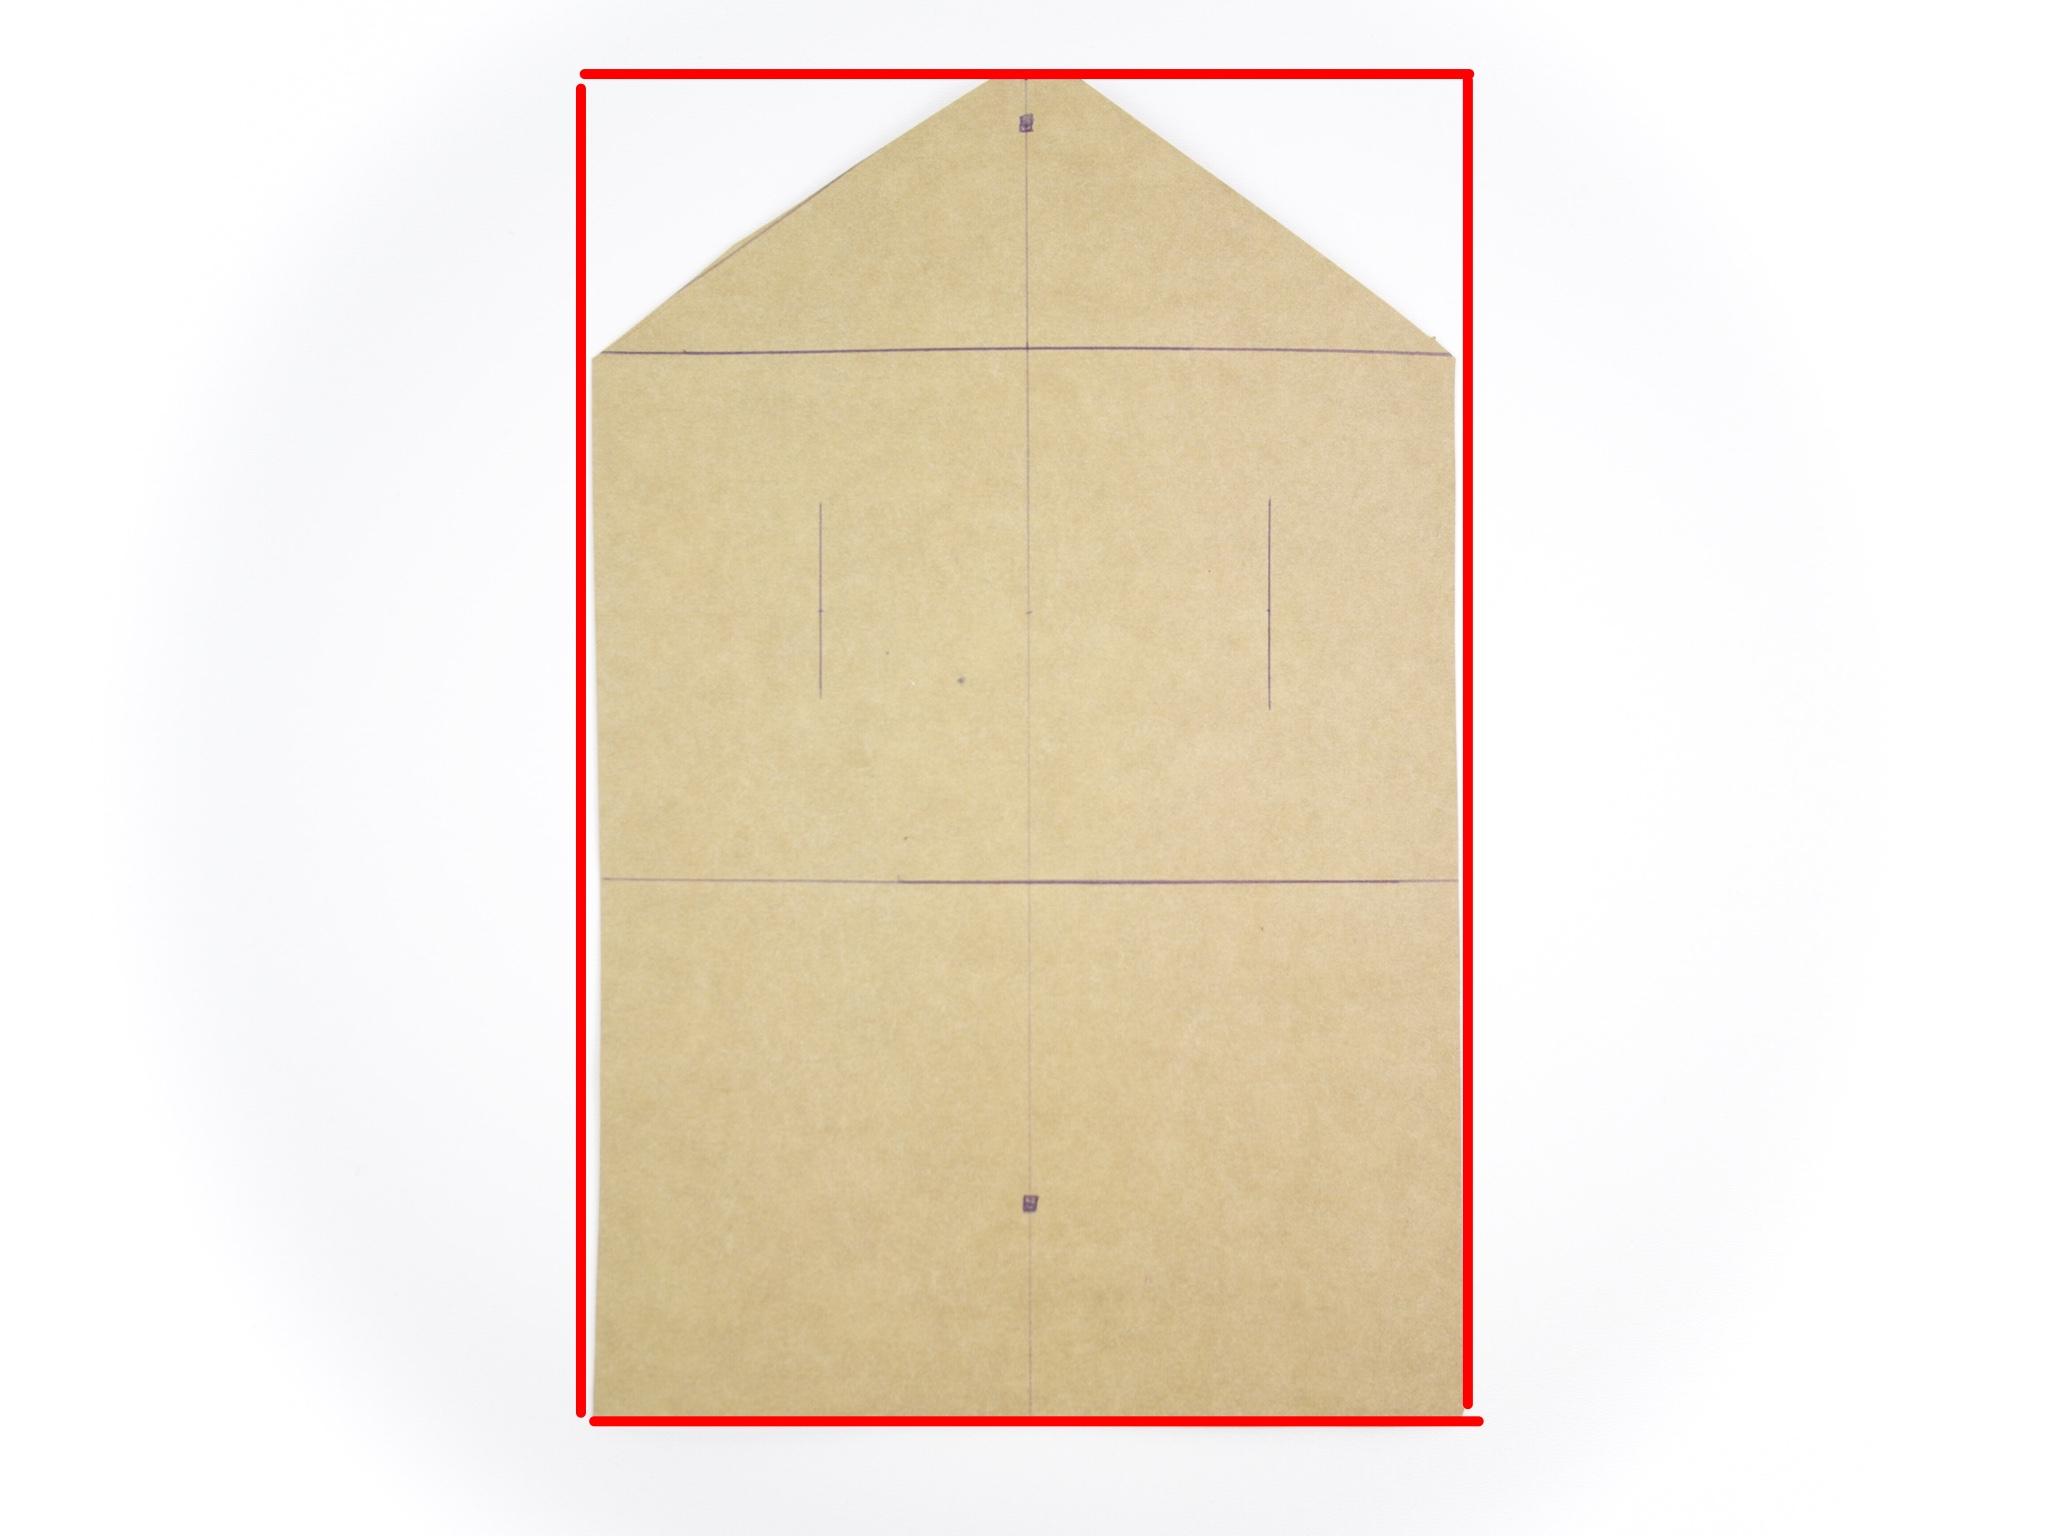 - Zeichnet euch für die Tasche ein Rechteck von 16.5 cm in der Breite und 25cm Länge.